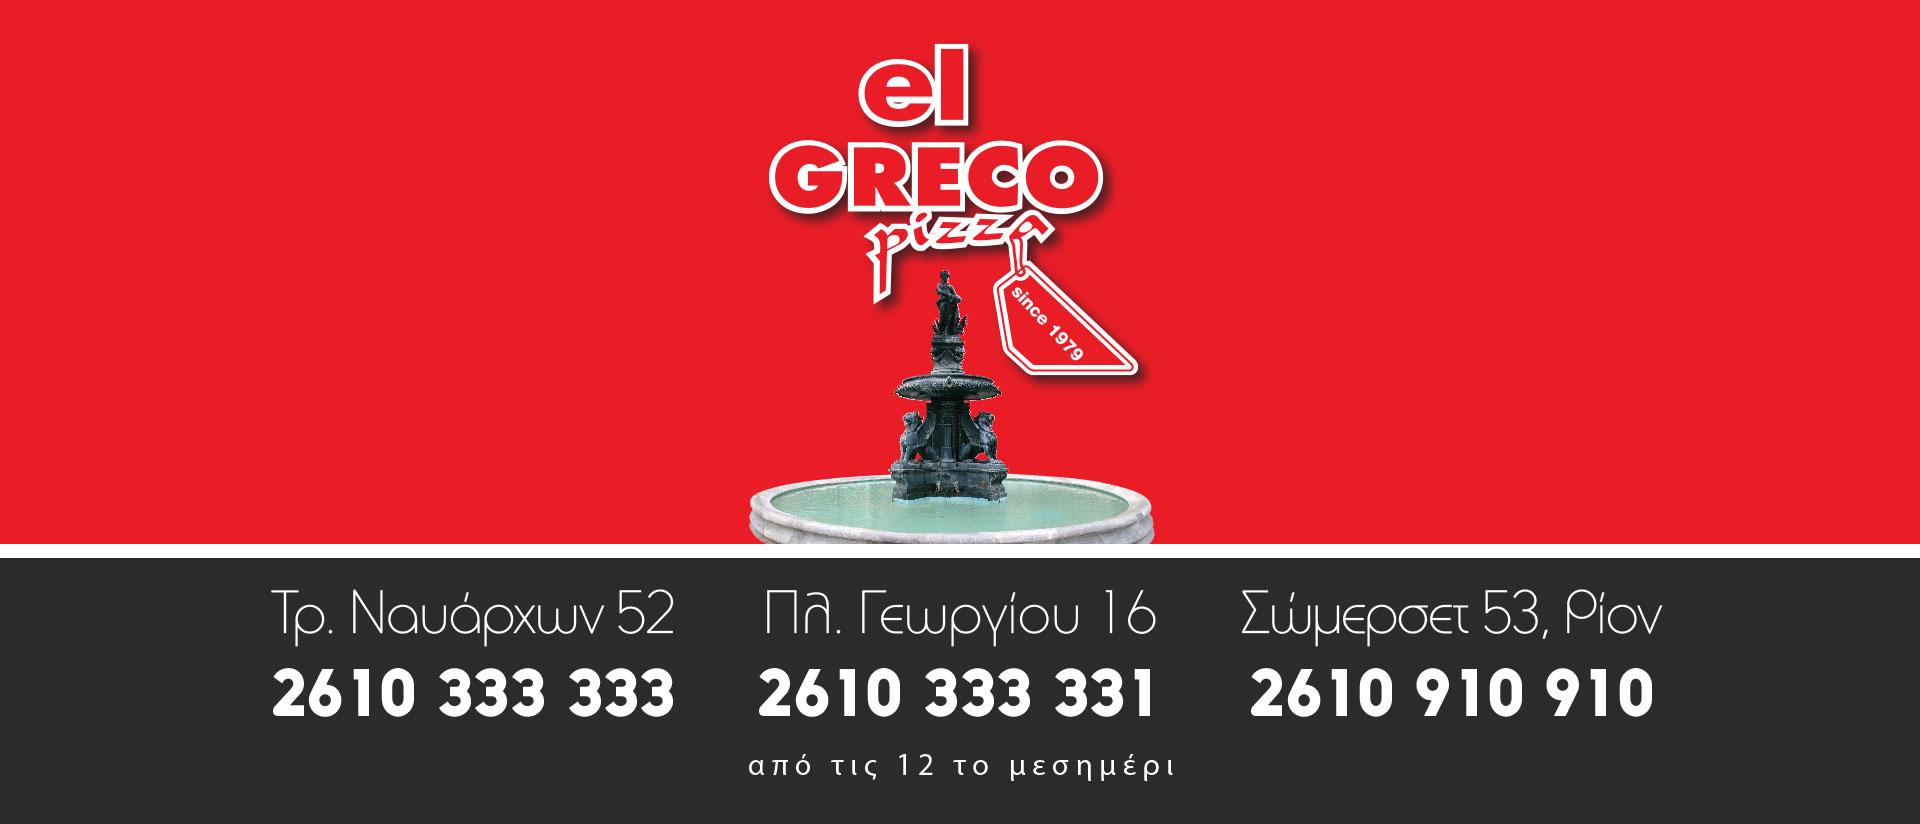 el greco pizza πατρα